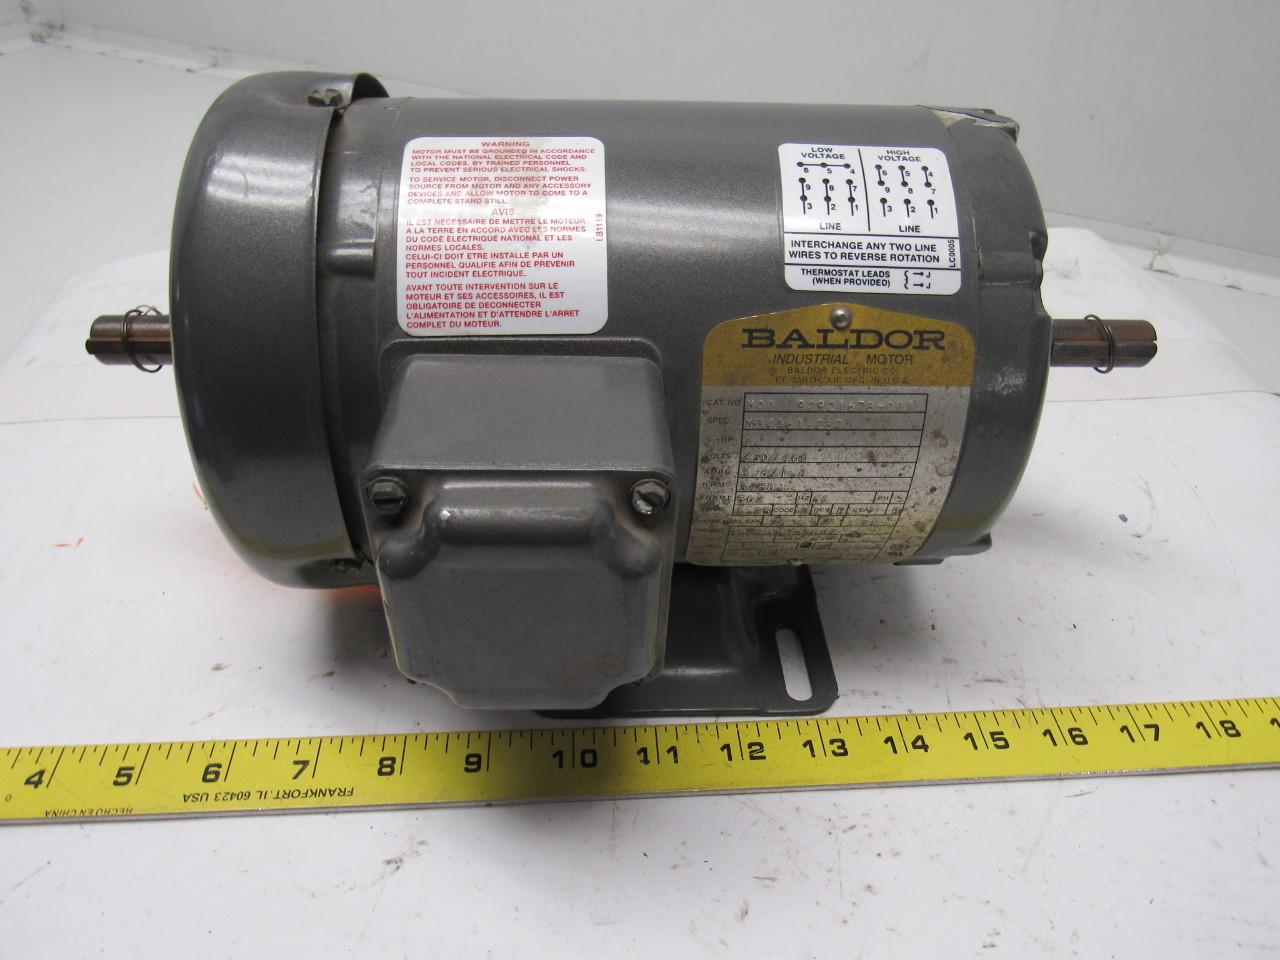 Baldor 3hp Single Phase Motor Wiring Diagram : Baldor 3 hp motor wiring diagram best wiring diagram image 2018